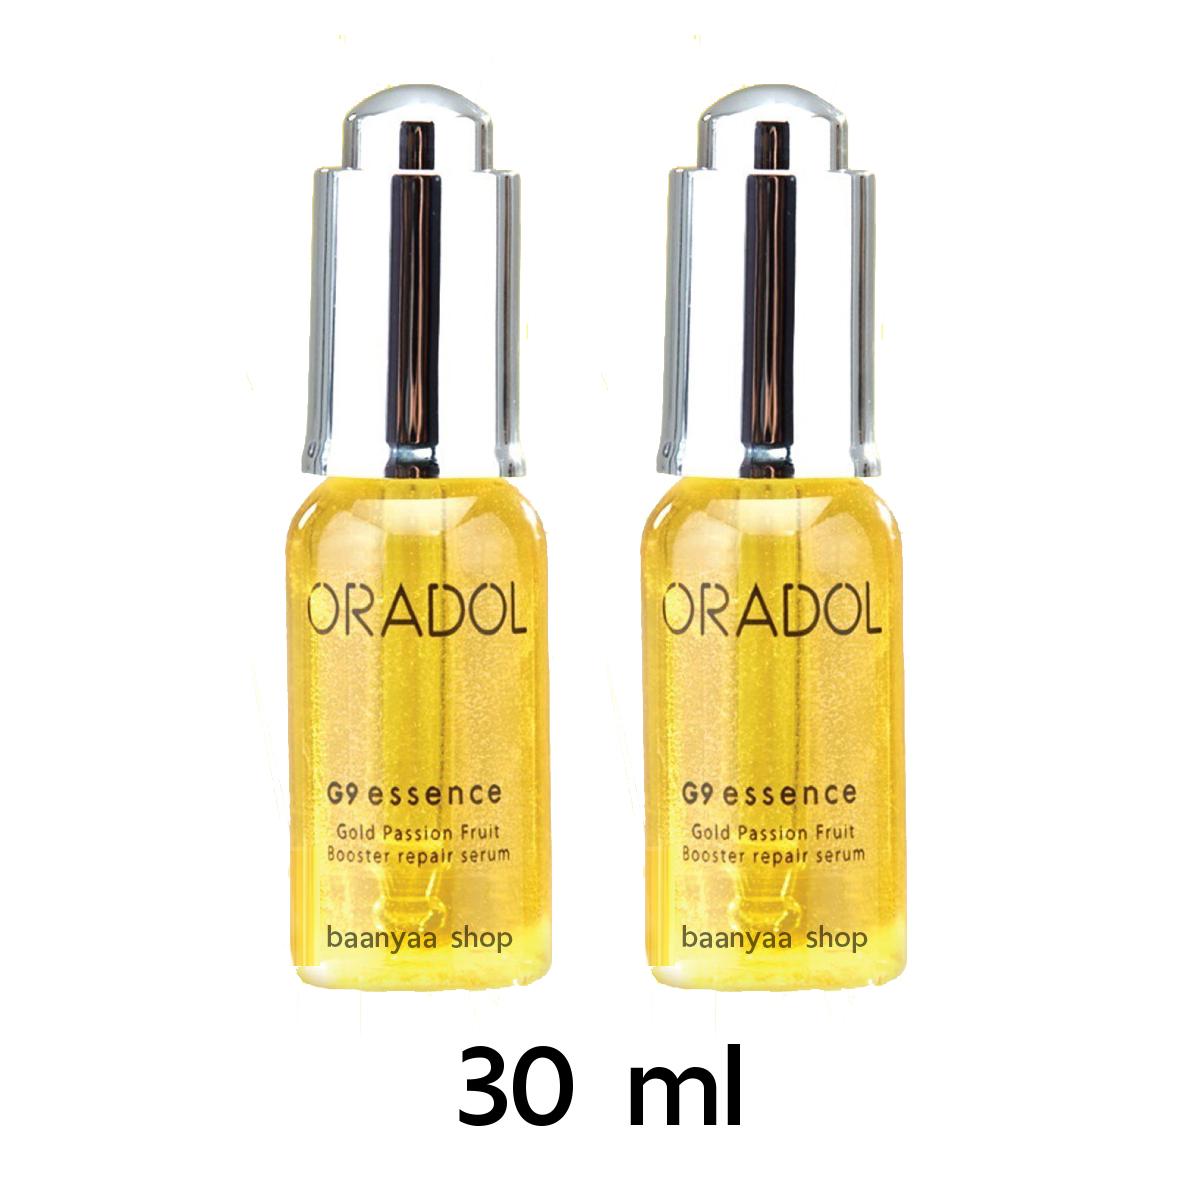 ORADOL G9 essence serum ออราดอล เซรั่ม เสาวรสสีทอง ผลิตภัณฑ์โดย แตงโม นิดา (ภัทรธิดา) จากผลการวิจัยประเทศฝรั่งเศสขวดใหญ่ ขนาด 30 มิลิลิตร 2 ขวด